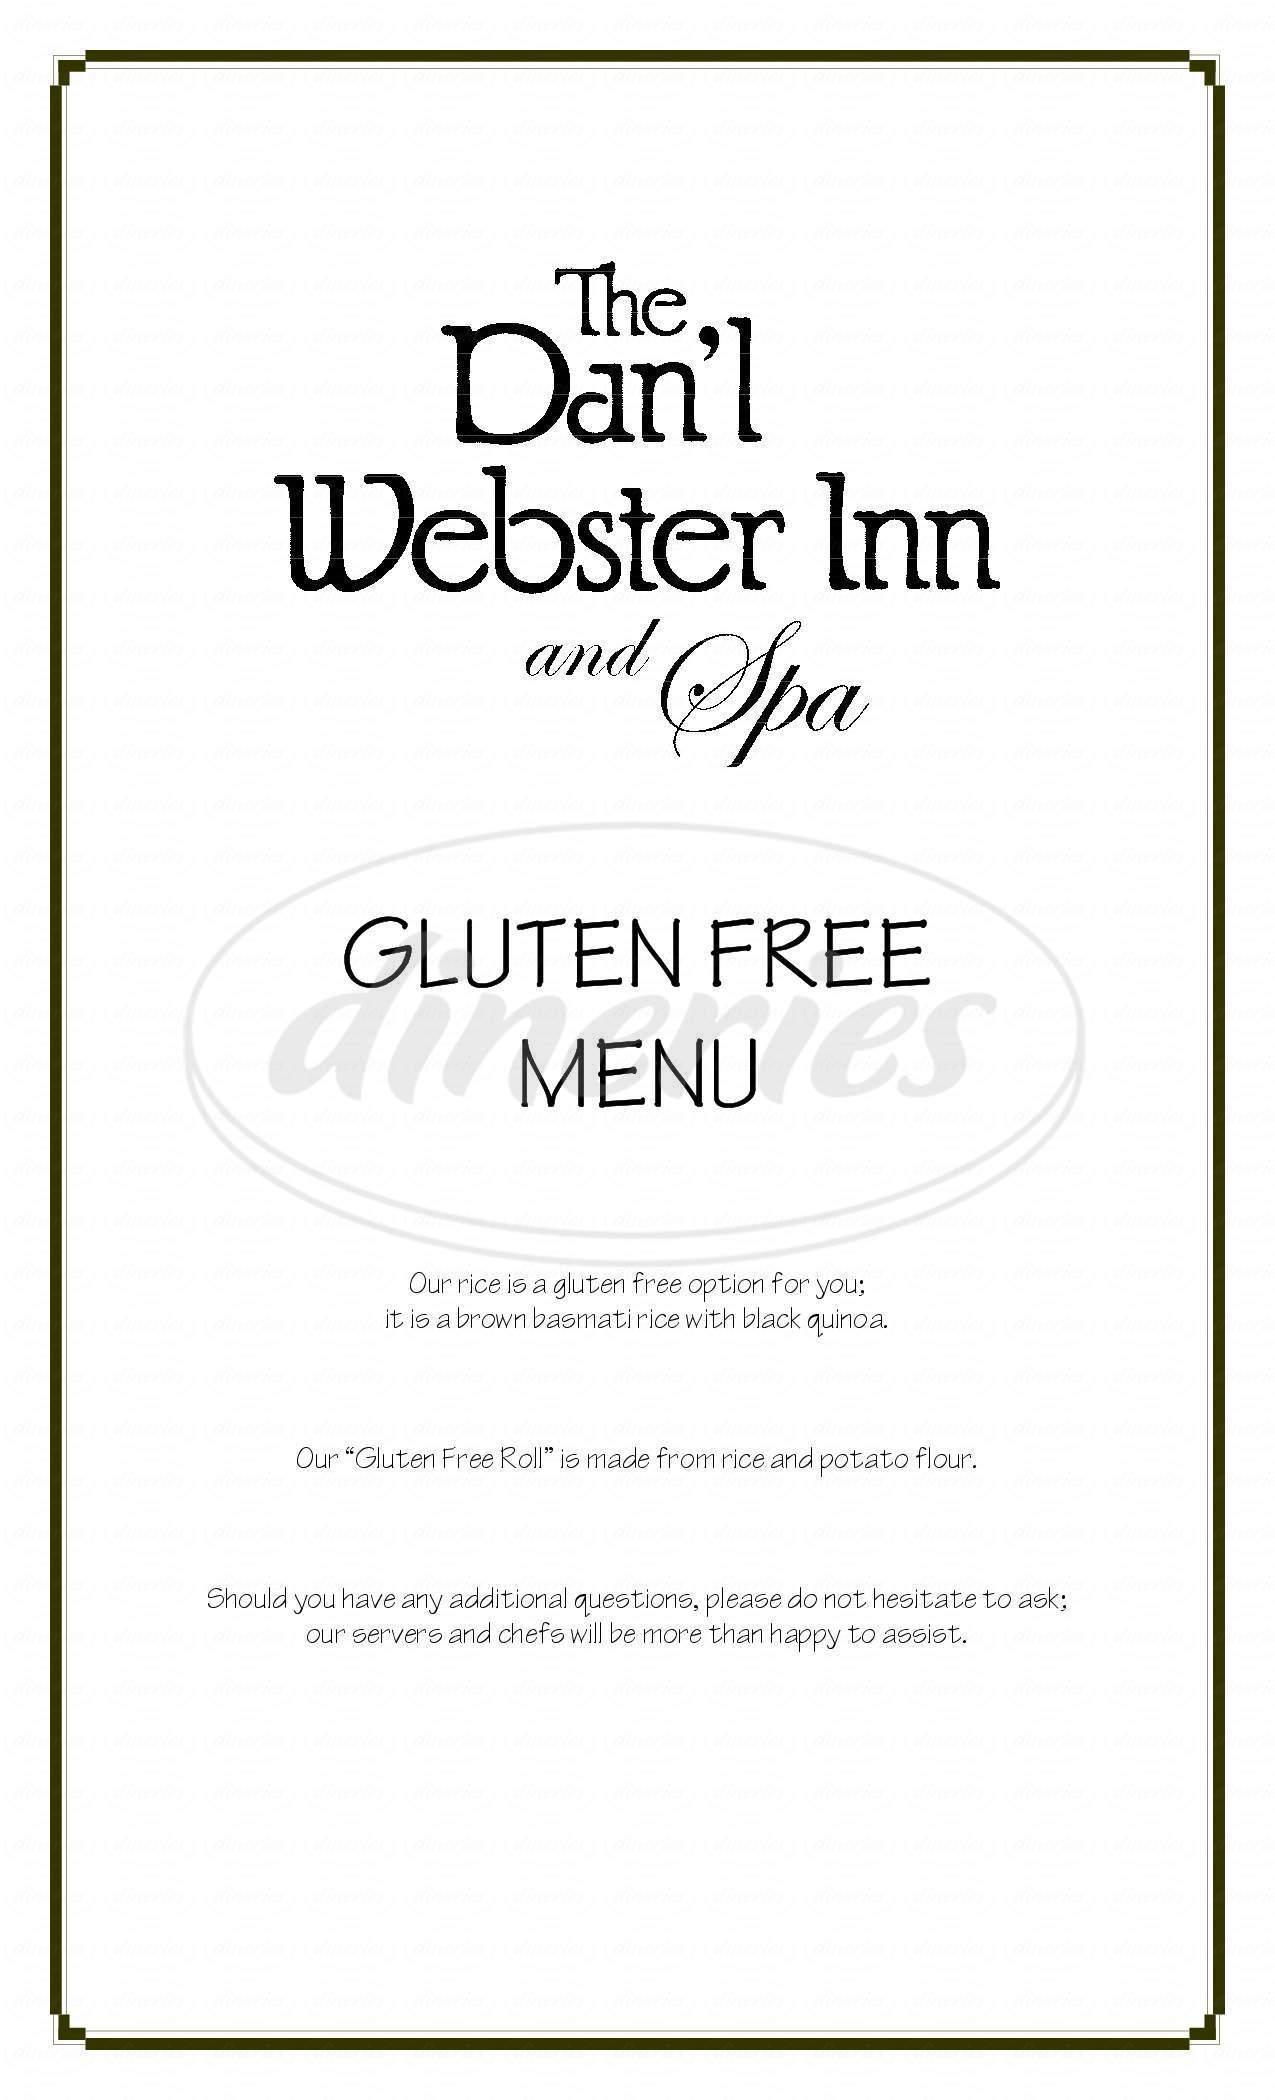 menu for Dan'l Webster Inn & Spa